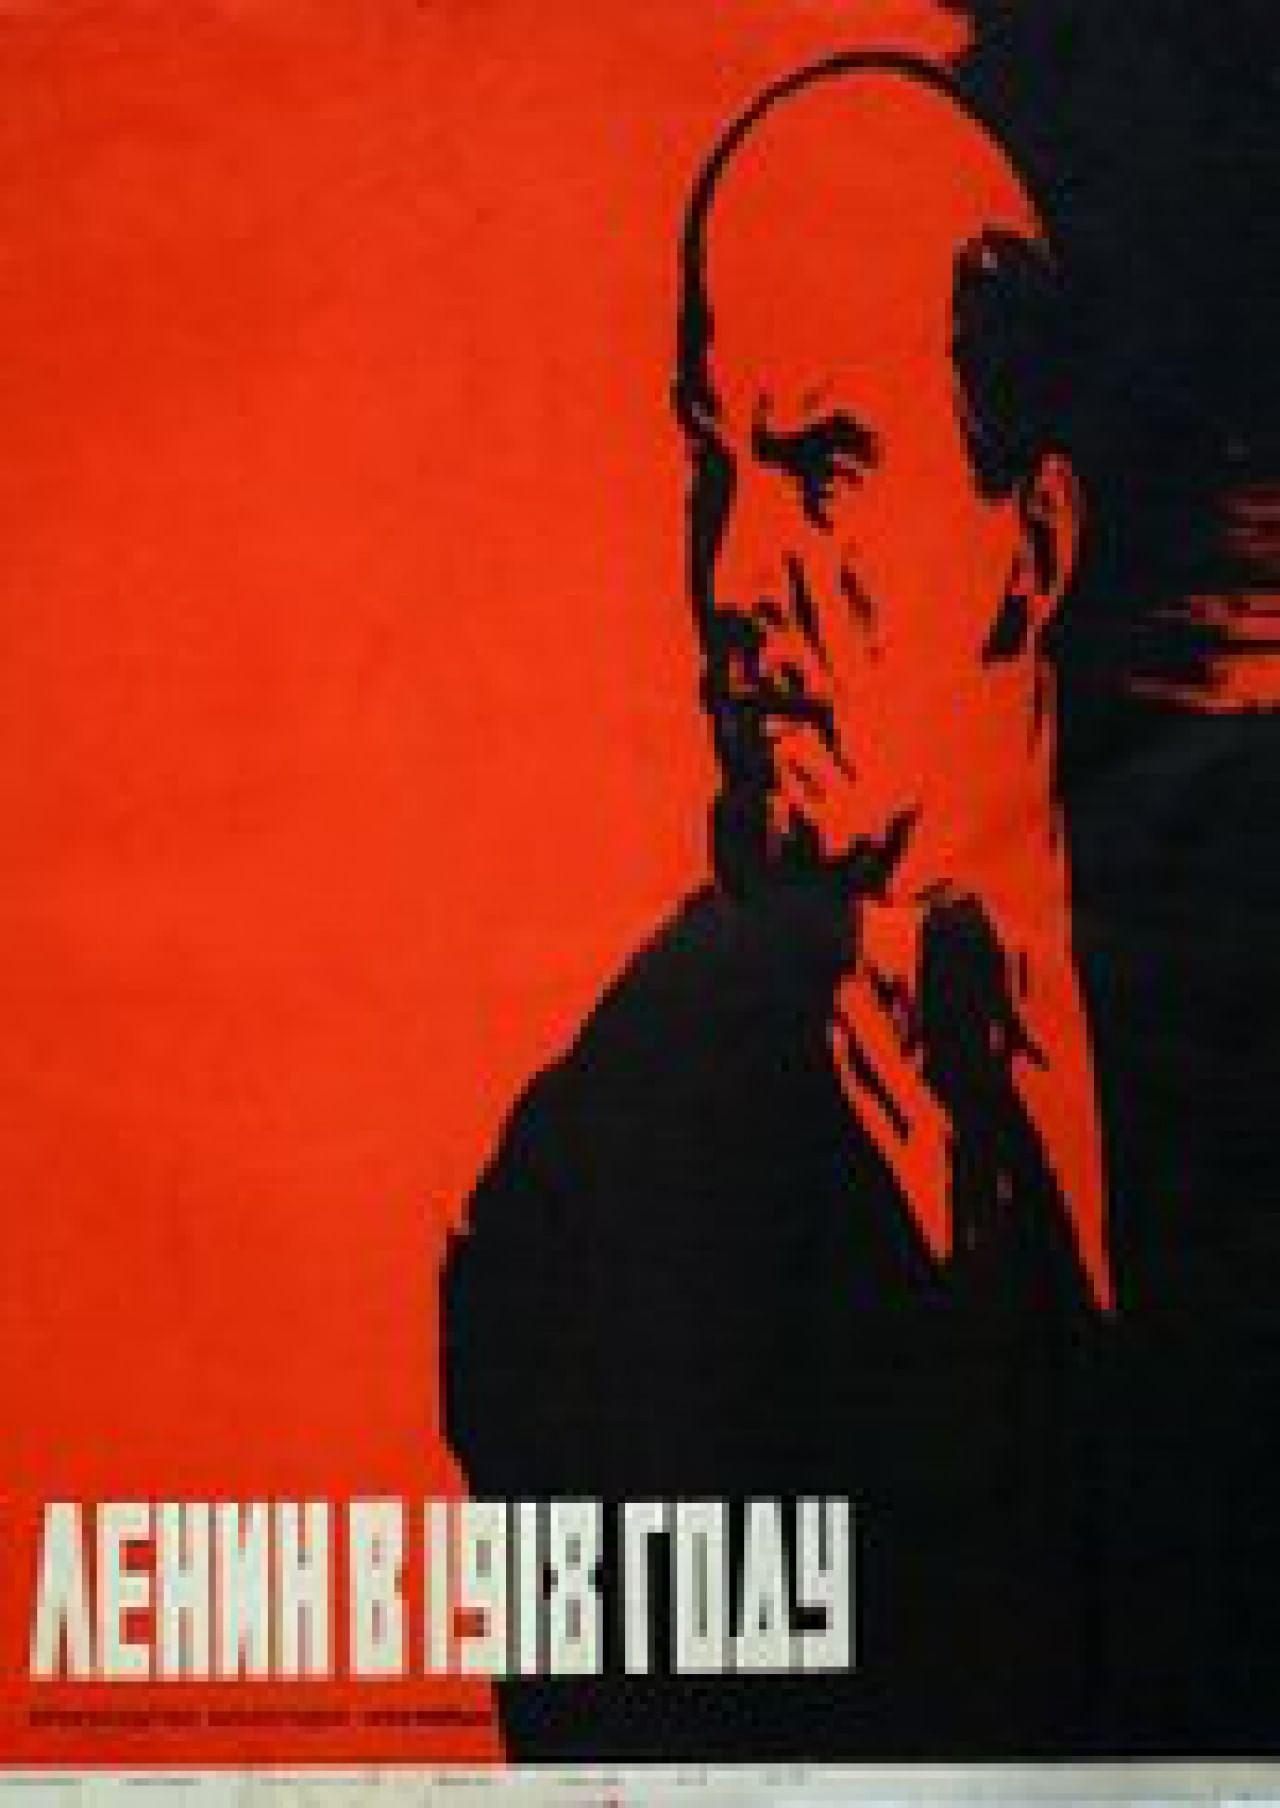 Ютуб видео смотреть покушение на сталина — pic 1